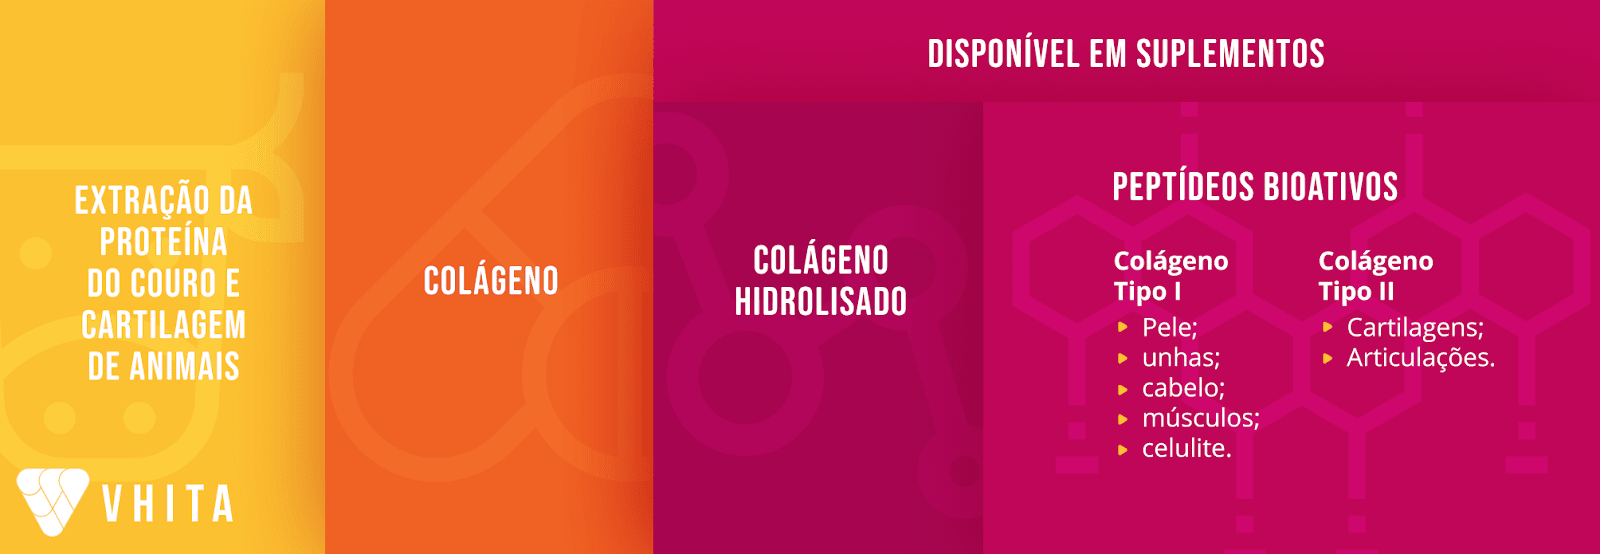 9cf2c4478 Como escolher a melhor marca de colágeno hidrolisado